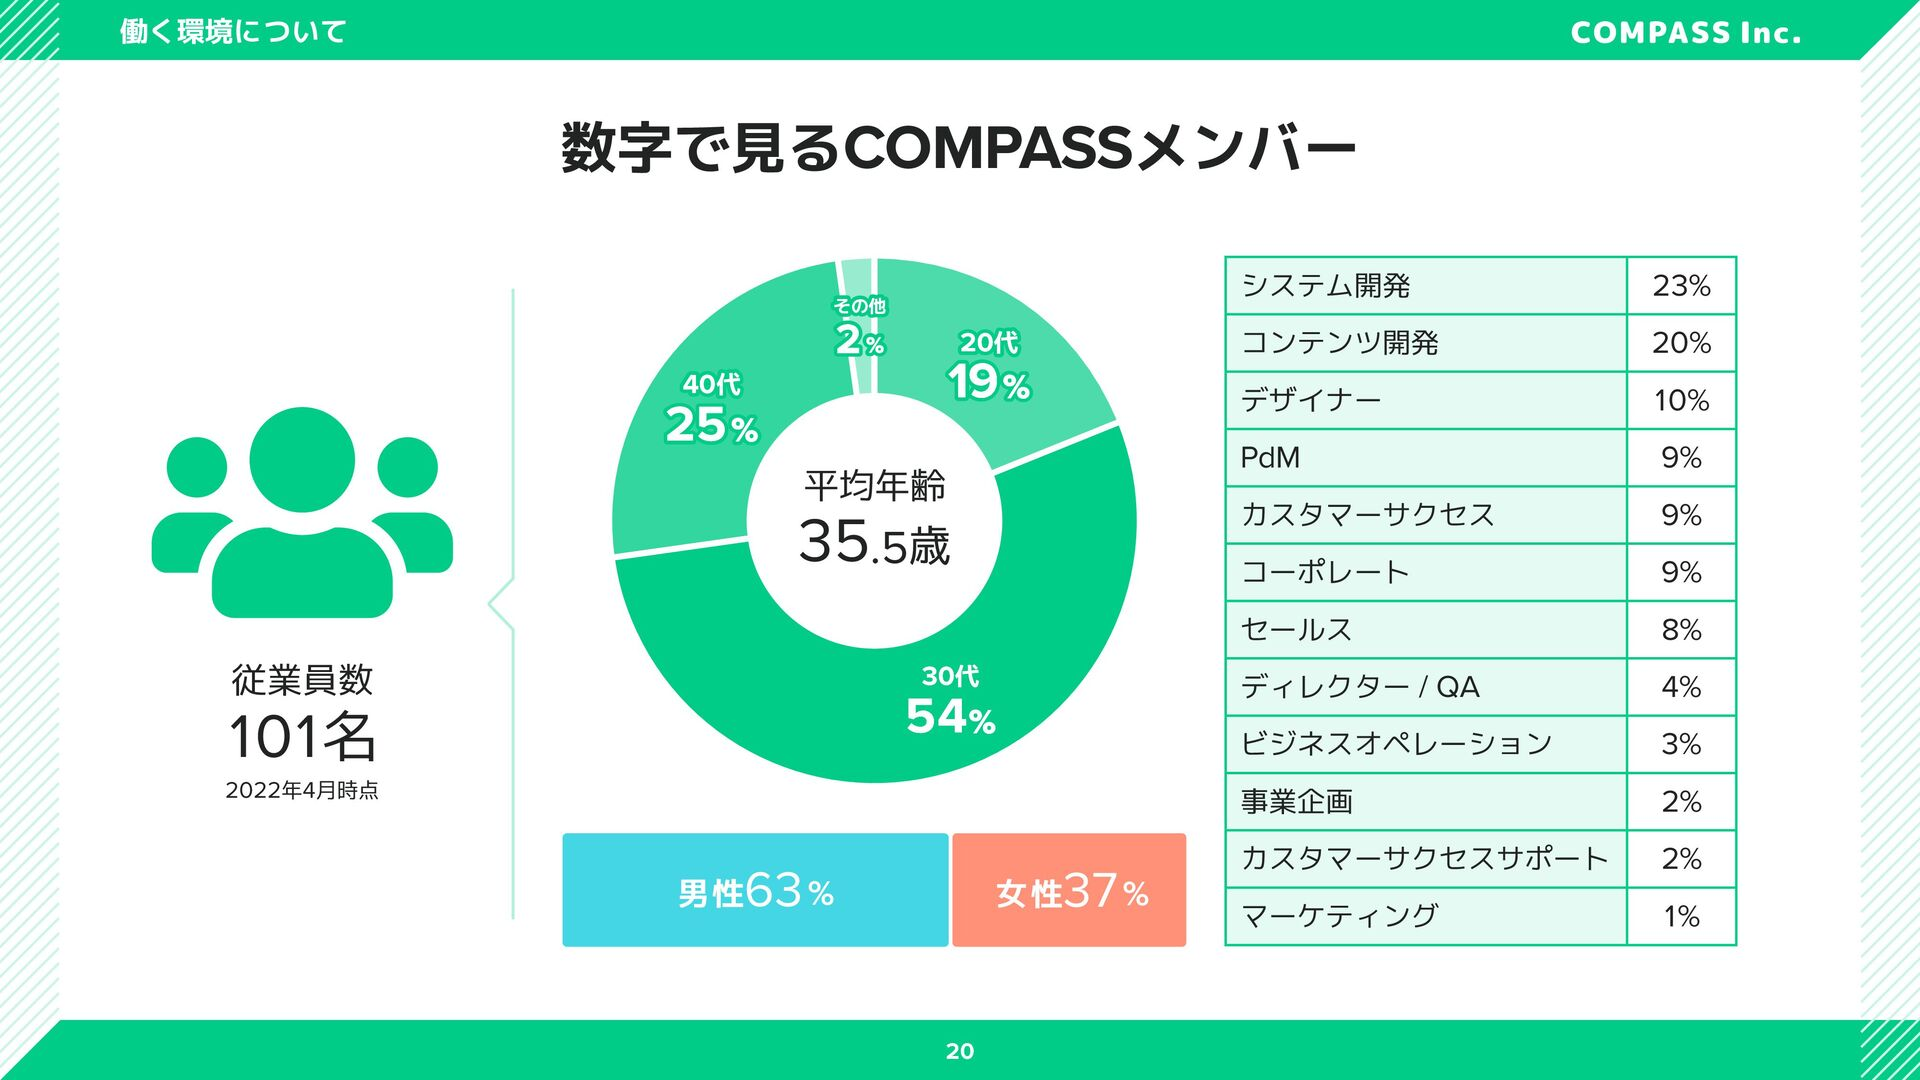 数字で見るCOMPASSメンバー 男性 68% 女性 32% 平均年齢 36.2歳 30 代 ...